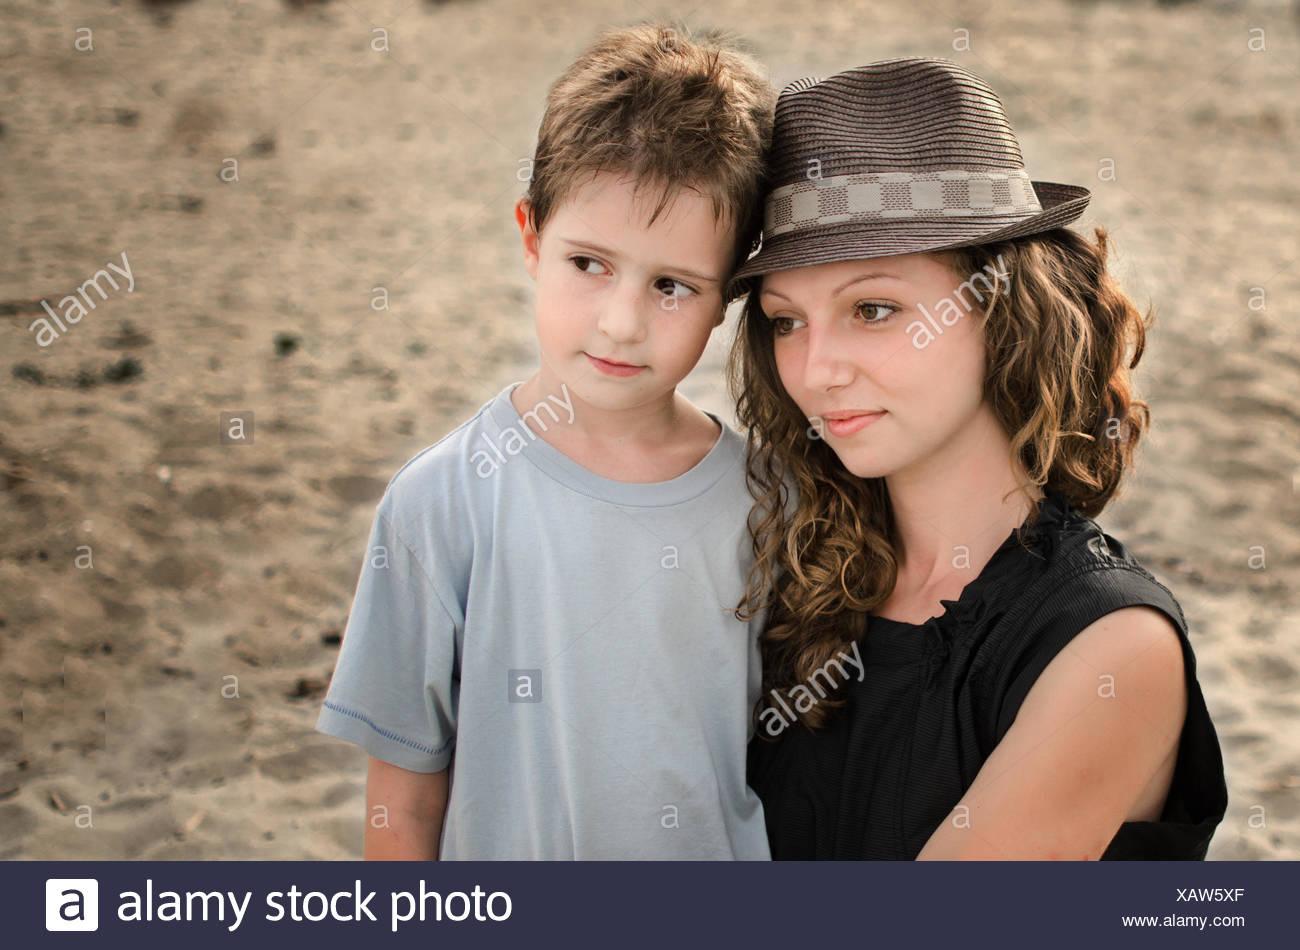 Retrato de una joven mujer y niño Imagen De Stock